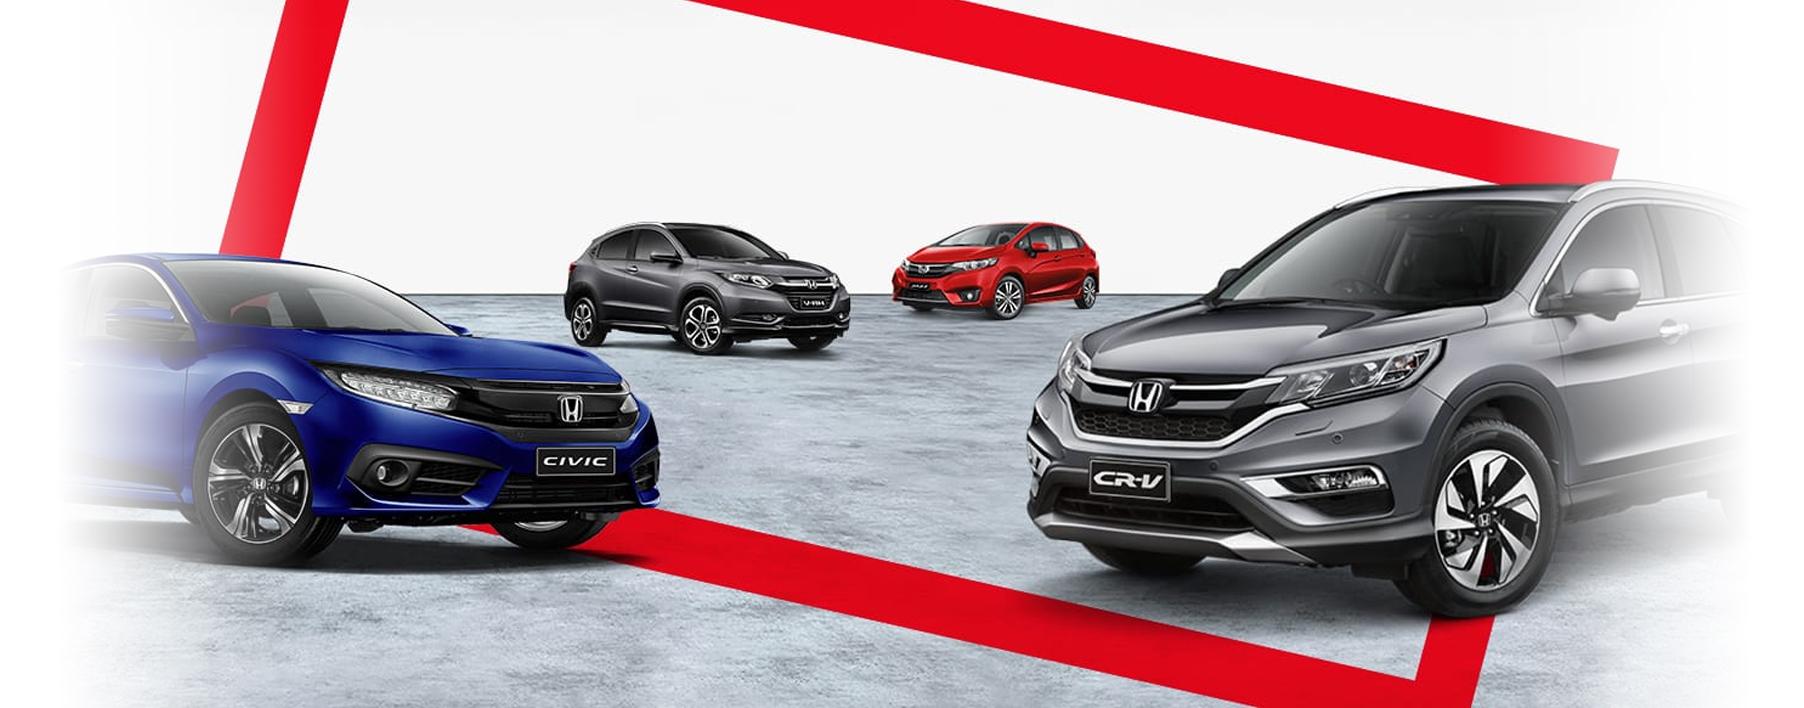 Image showing a Honda Civic sedan, Honda CR-V SUV, Honda HR-V SUV and Honda Jazz hatch.